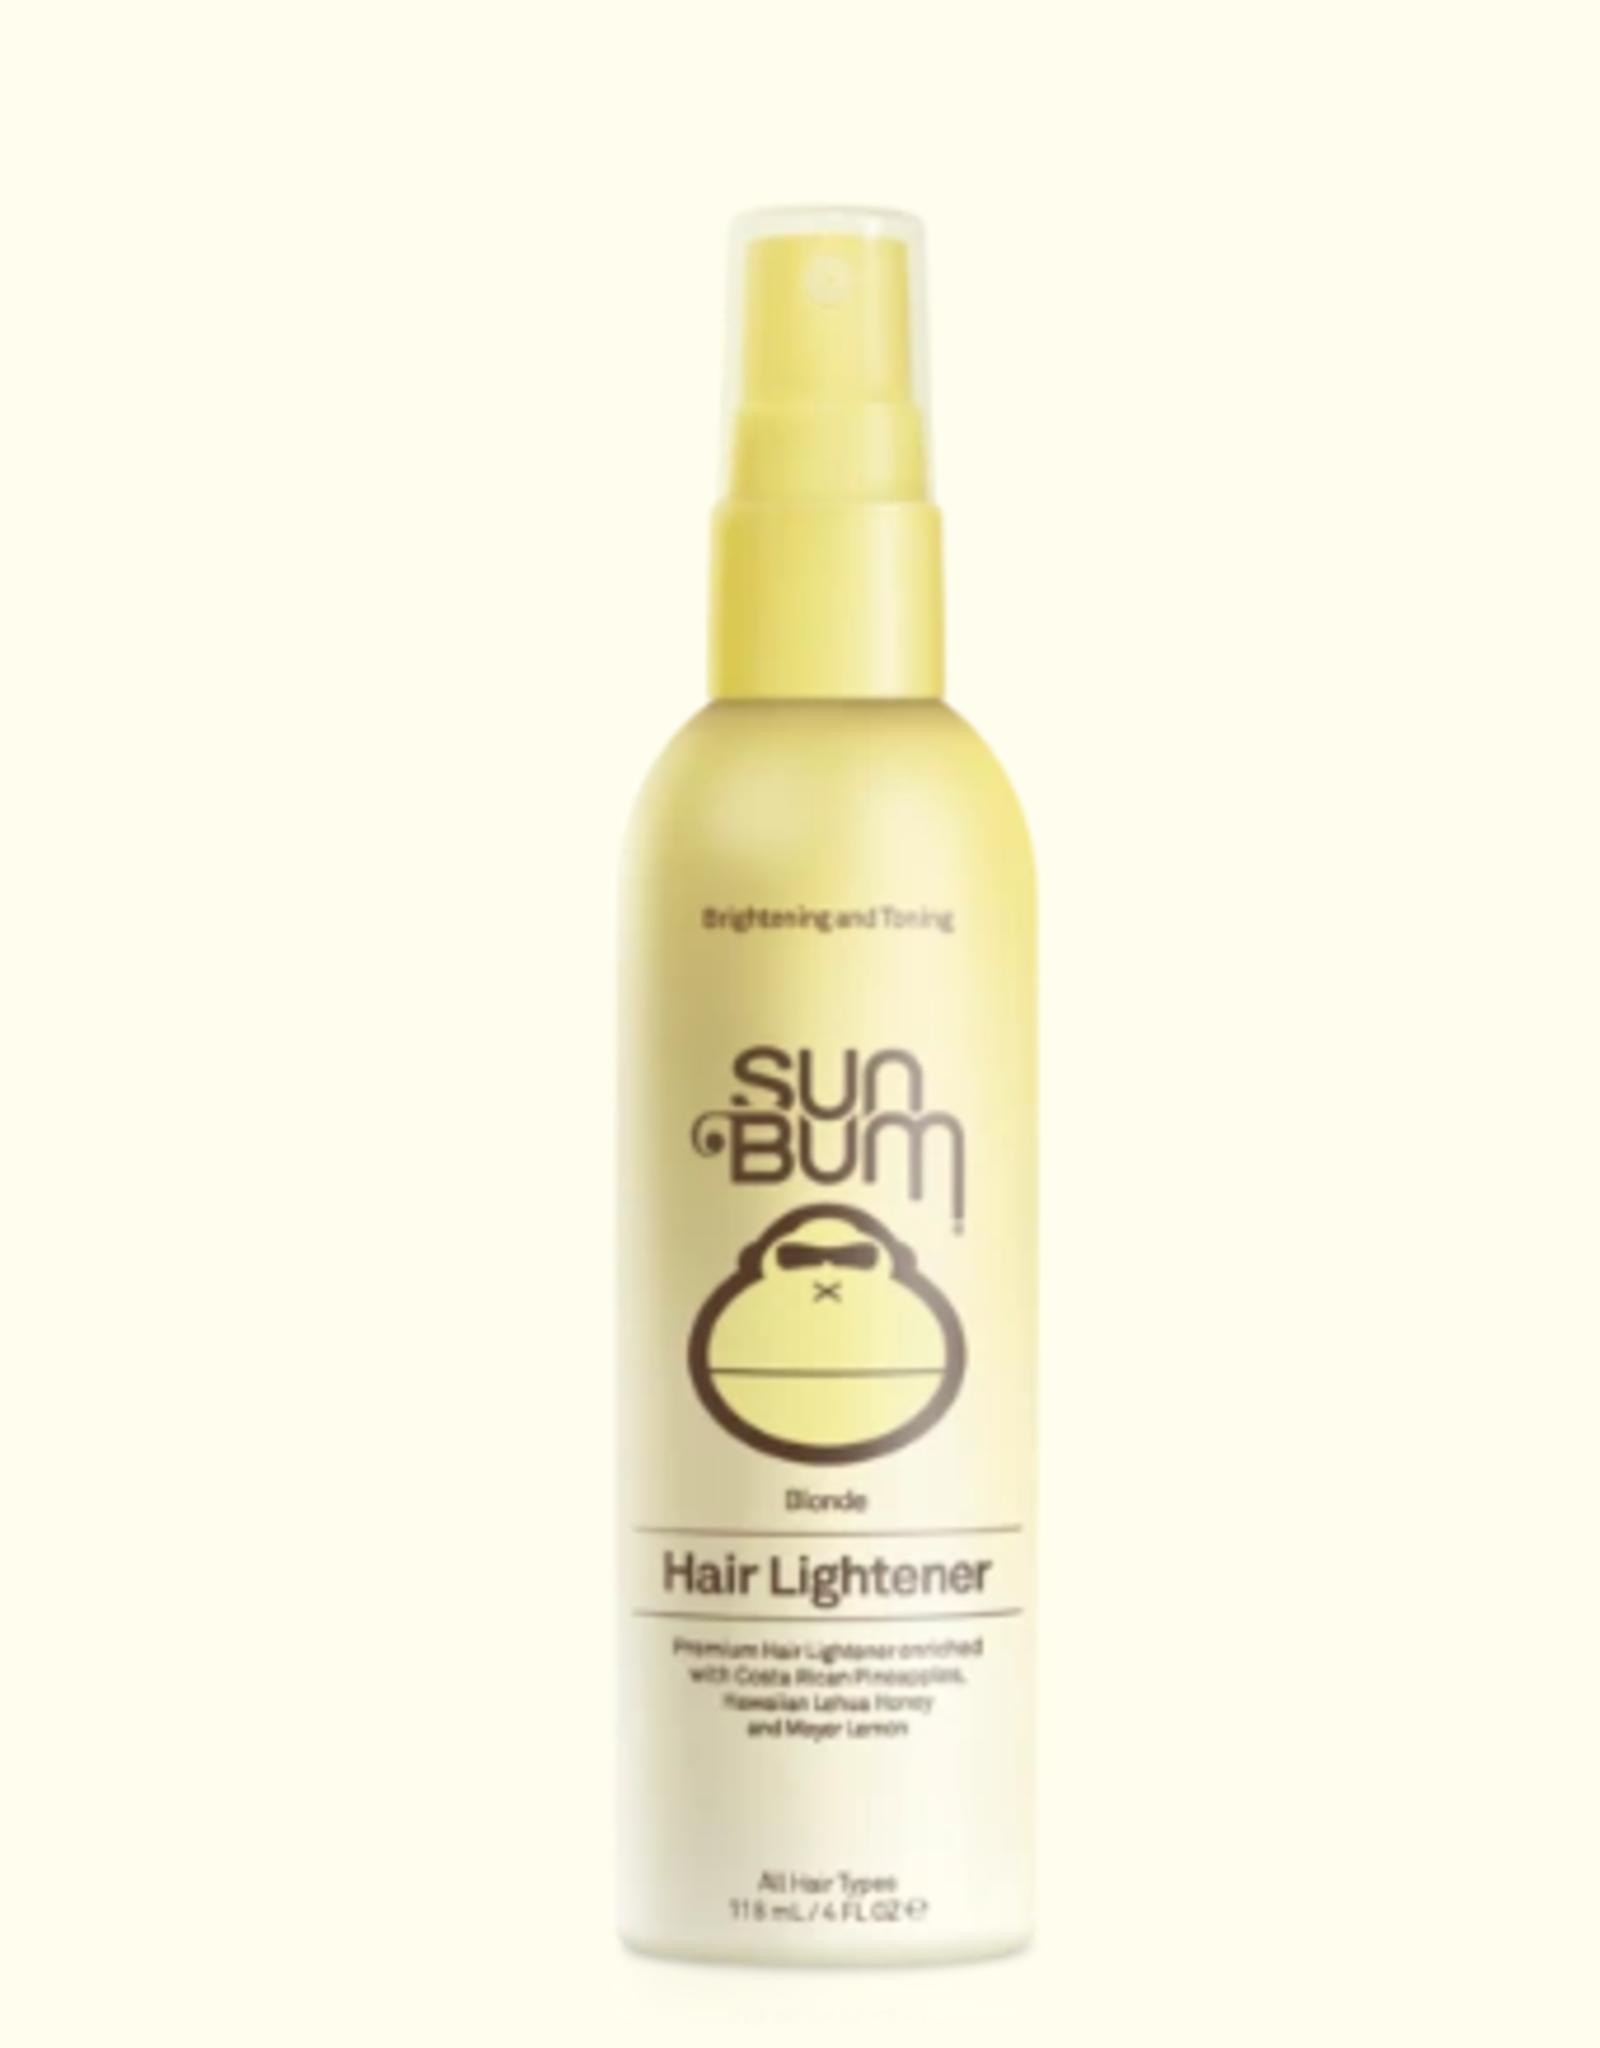 Sun Bum Sun Bum Blonde Hair Lightener